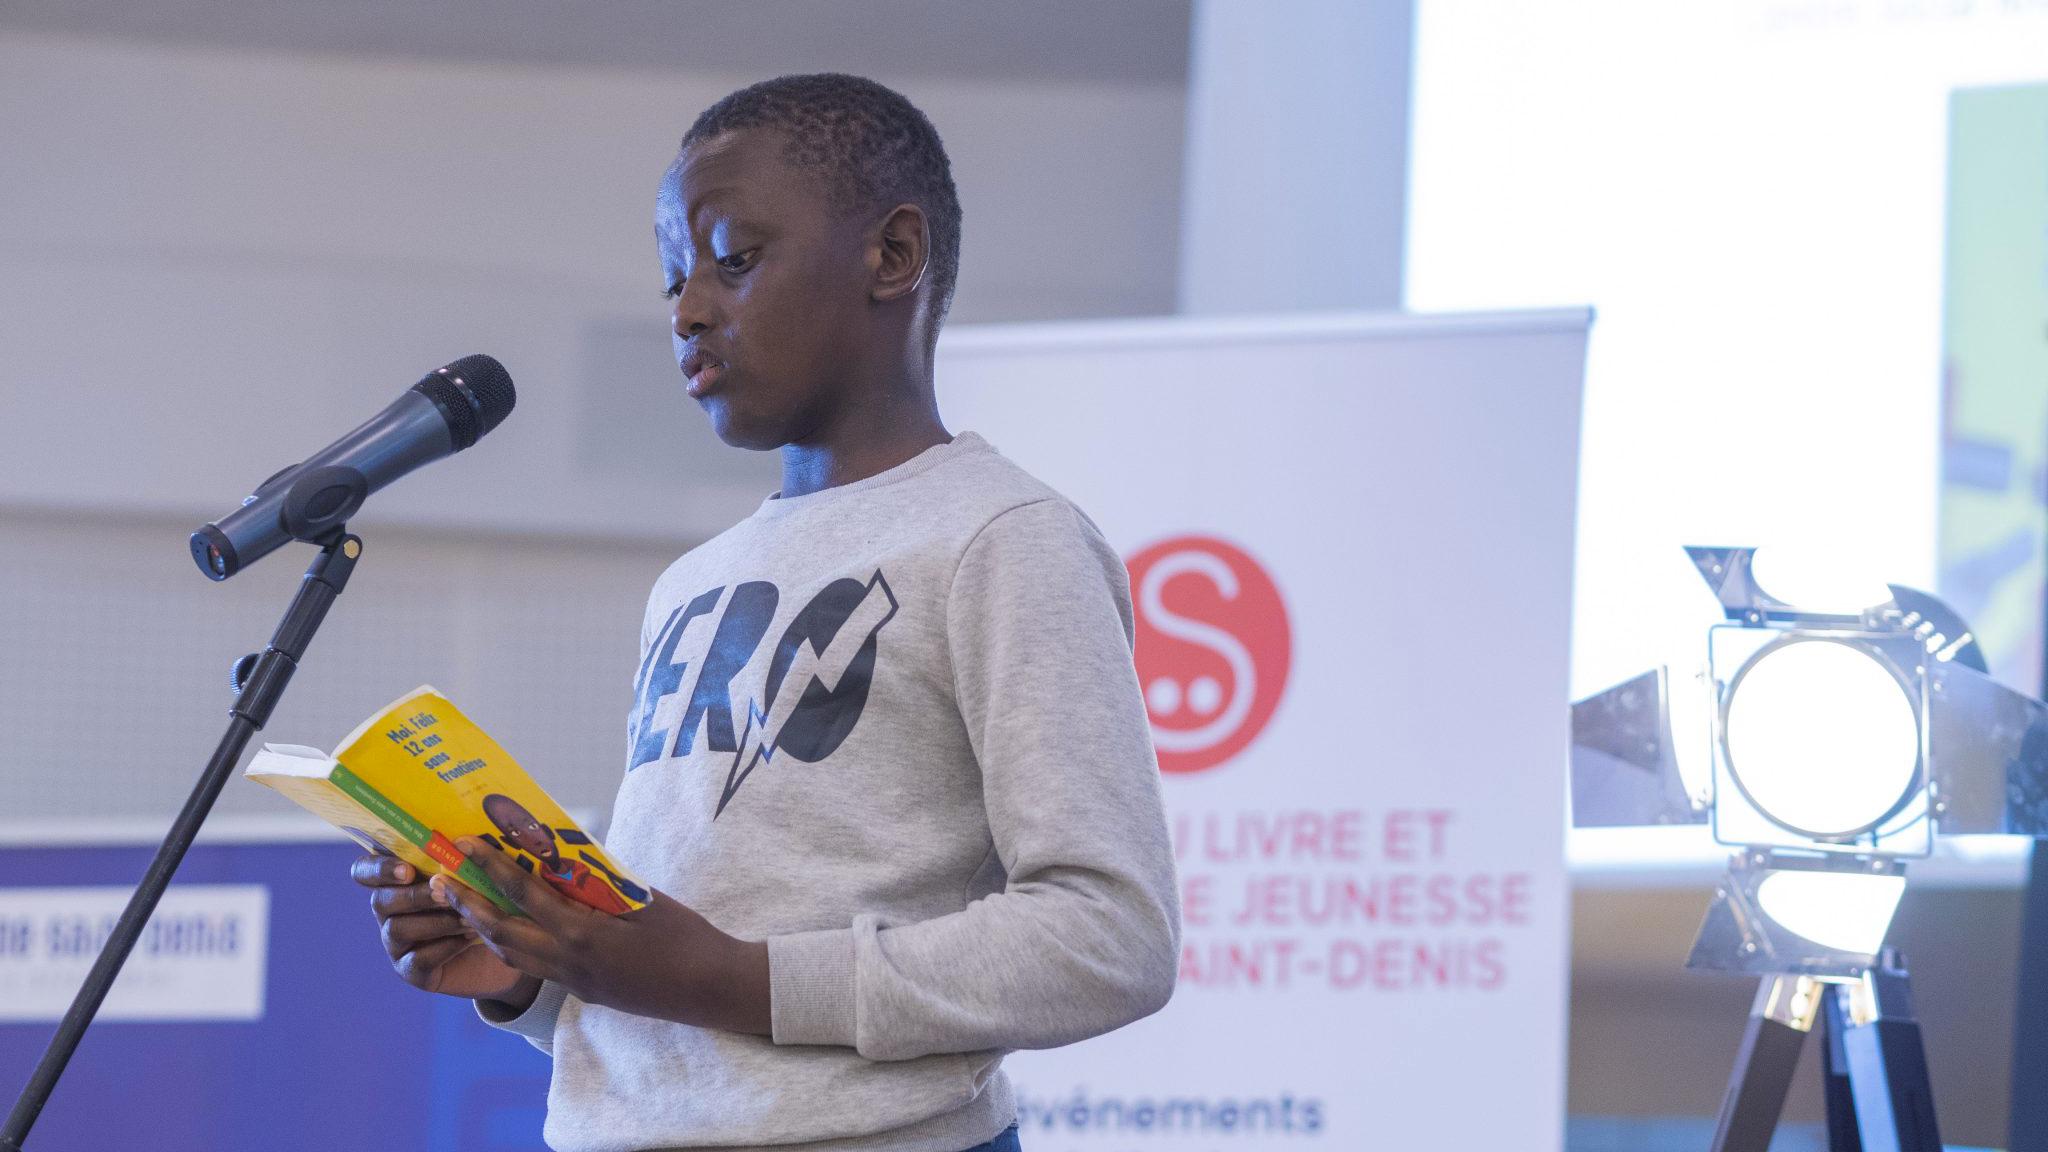 Les Petits champions de la lecture en Seine-Saint-Denis 2019-2020